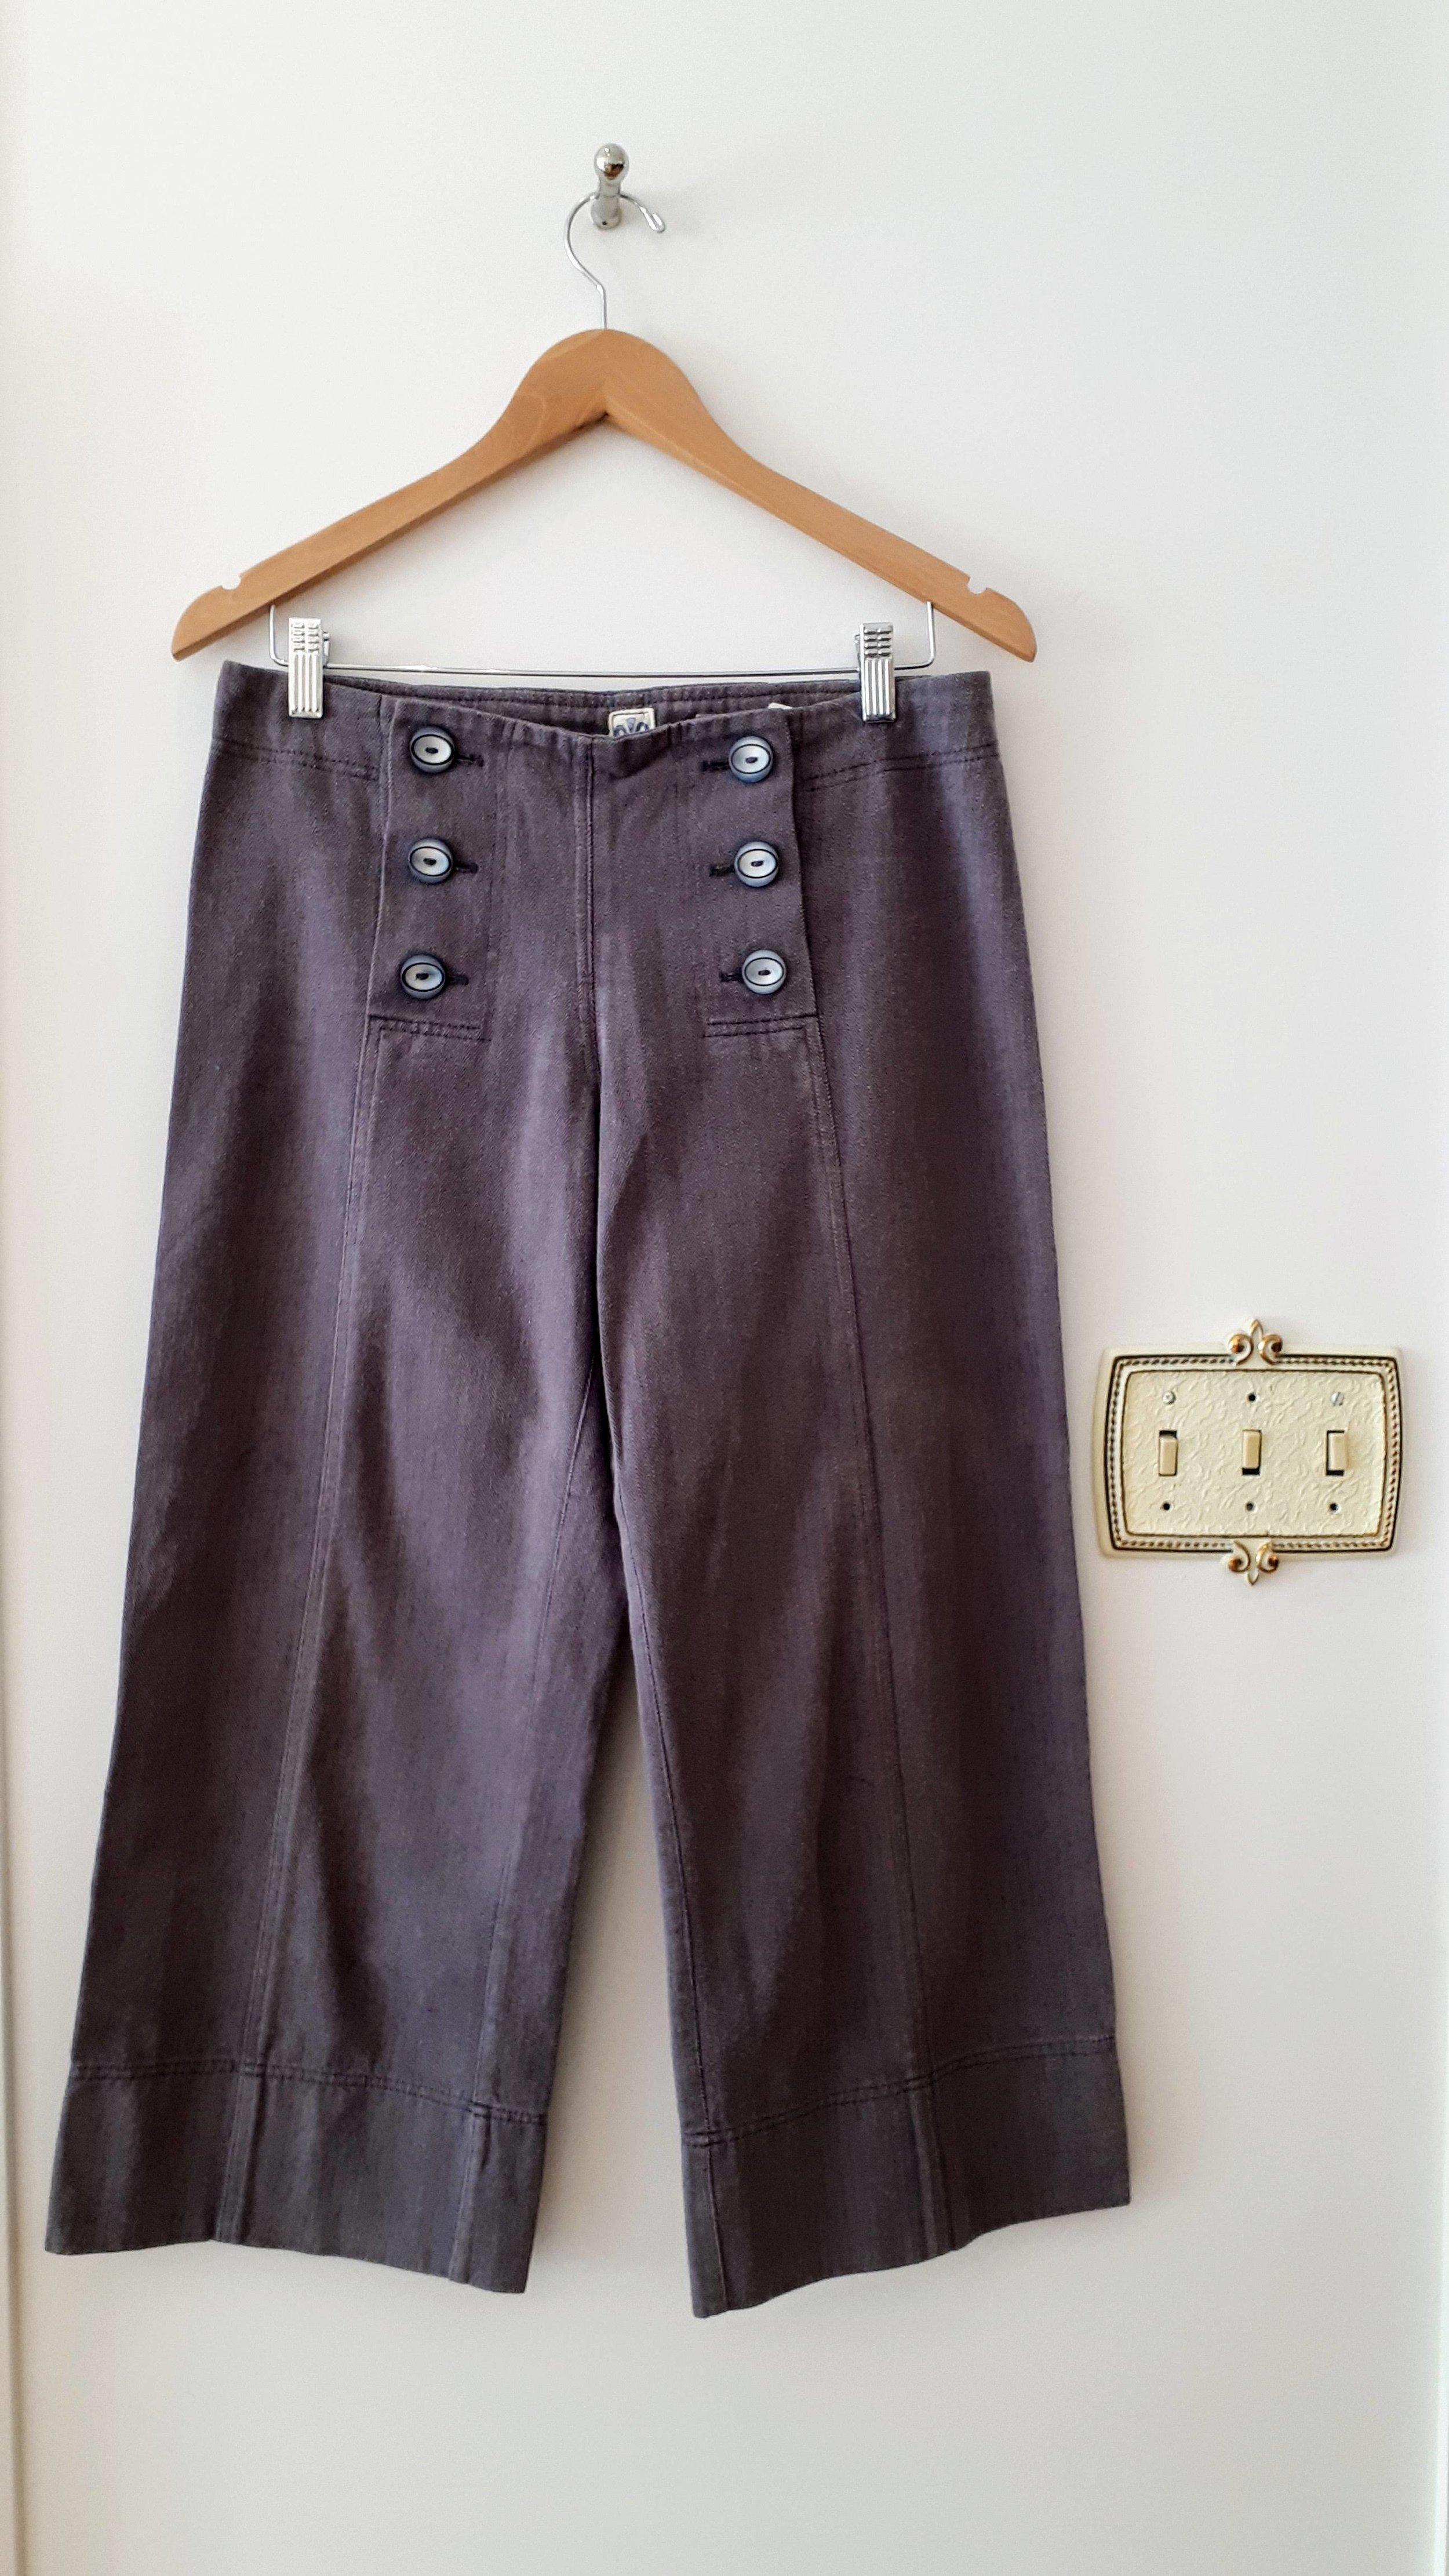 Sabrina Butterfly pants; Size S, $46